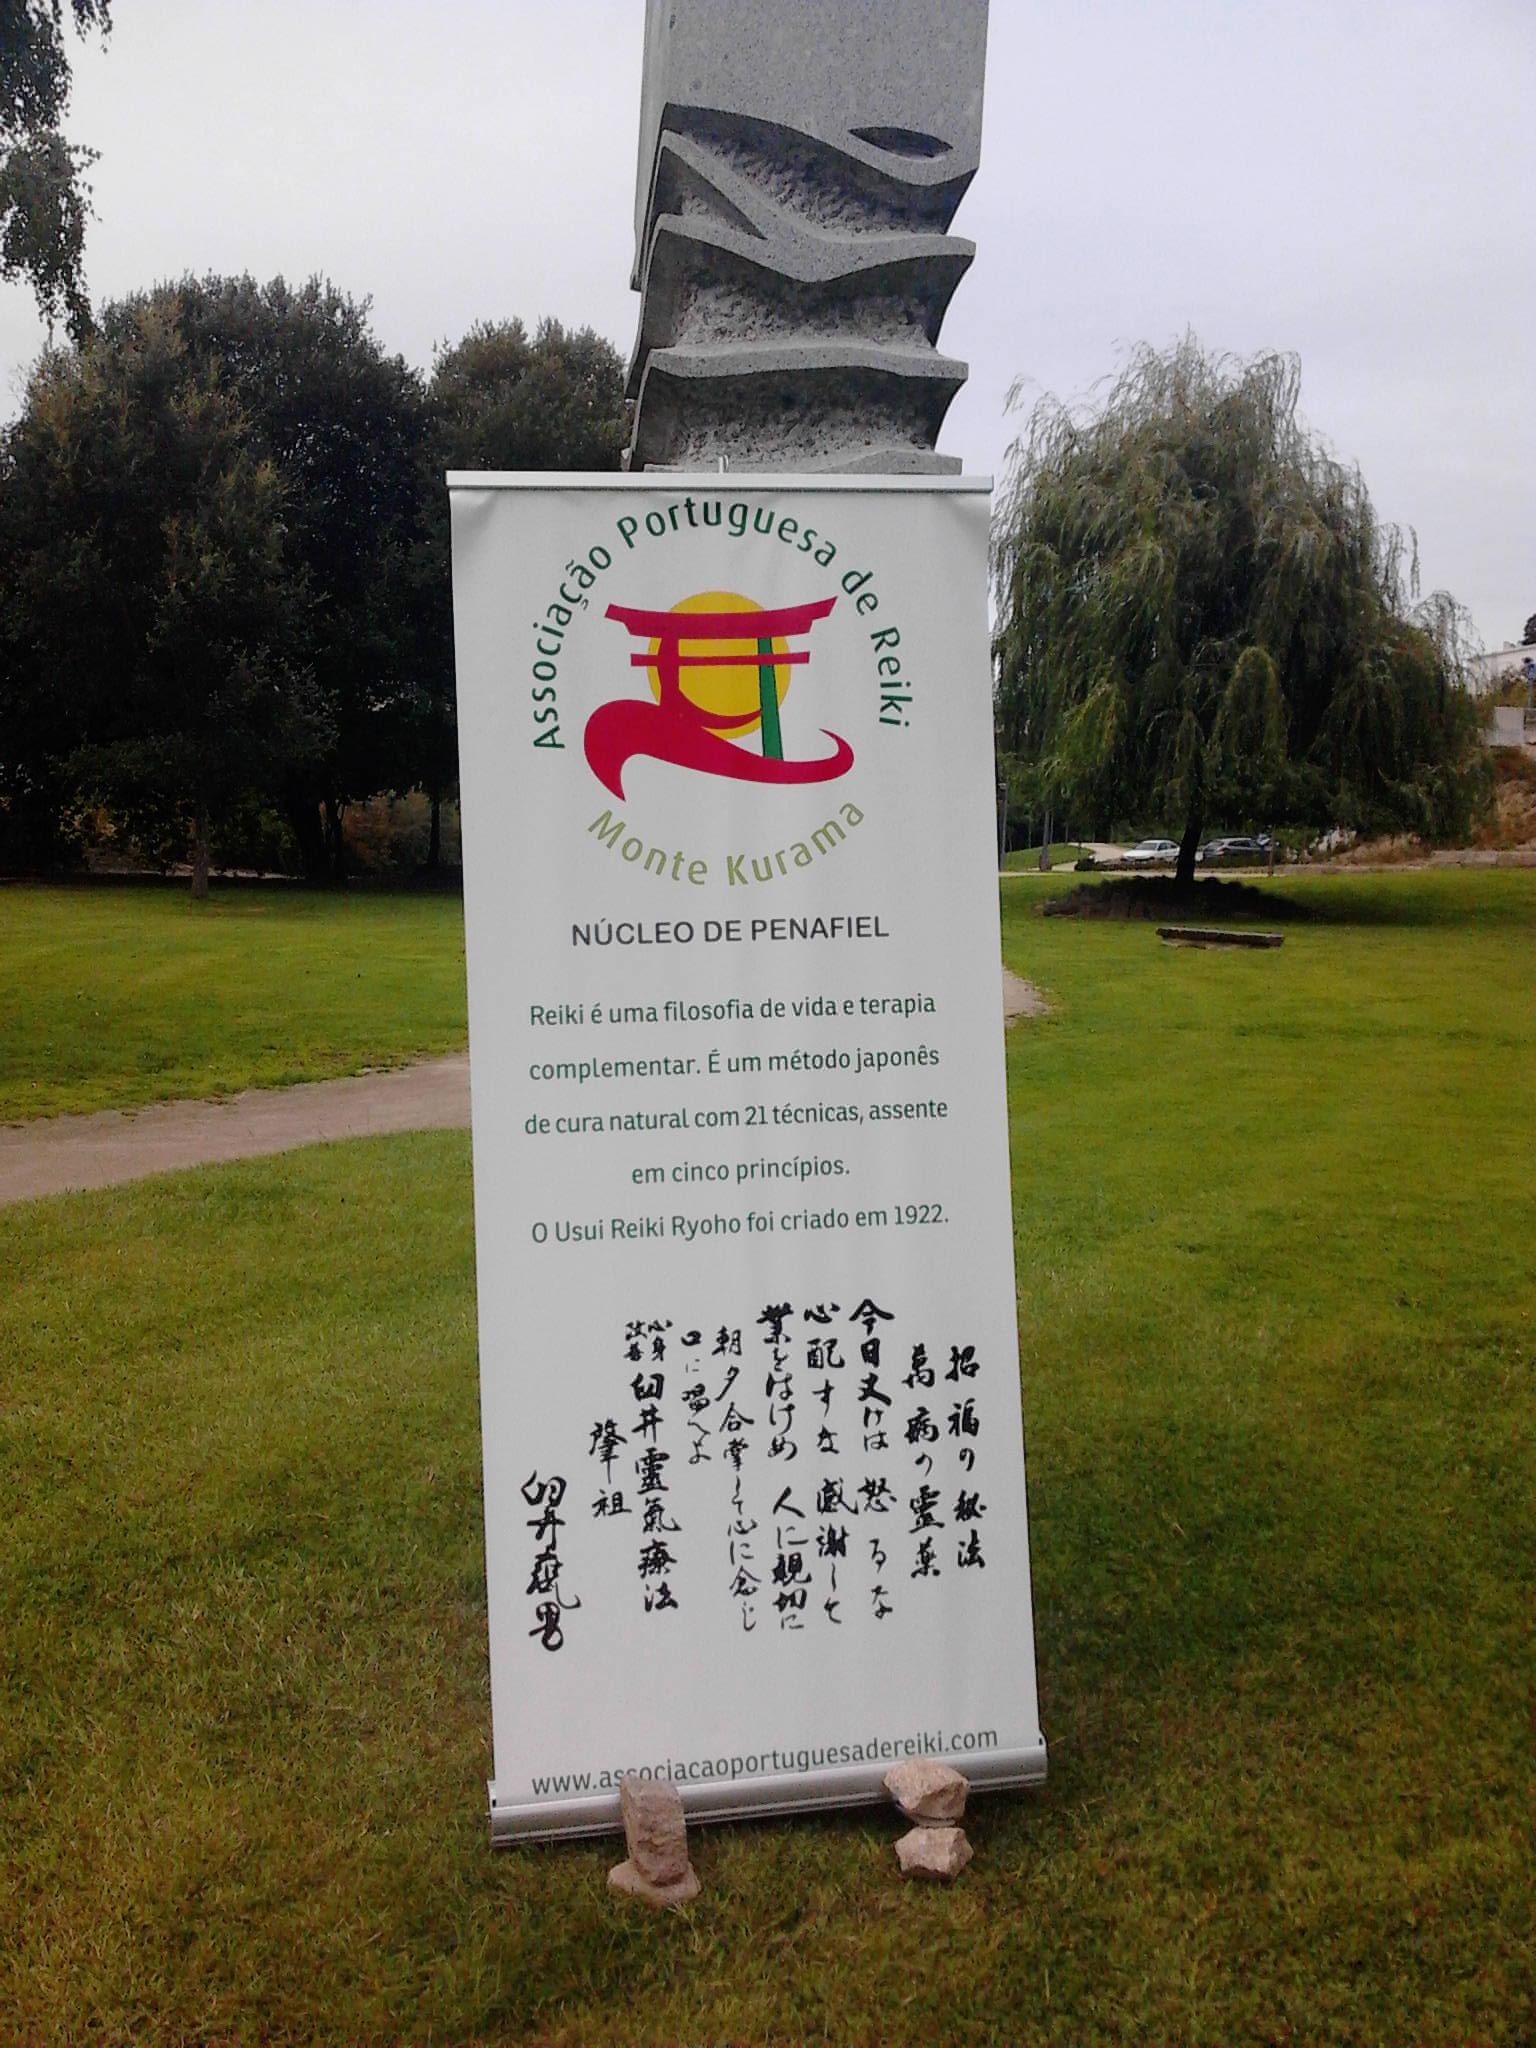 Dia Internacional do Reiki 150 º Aniversário Mestre Mikao Usui comemorado pelo Núcleo de Penafiel